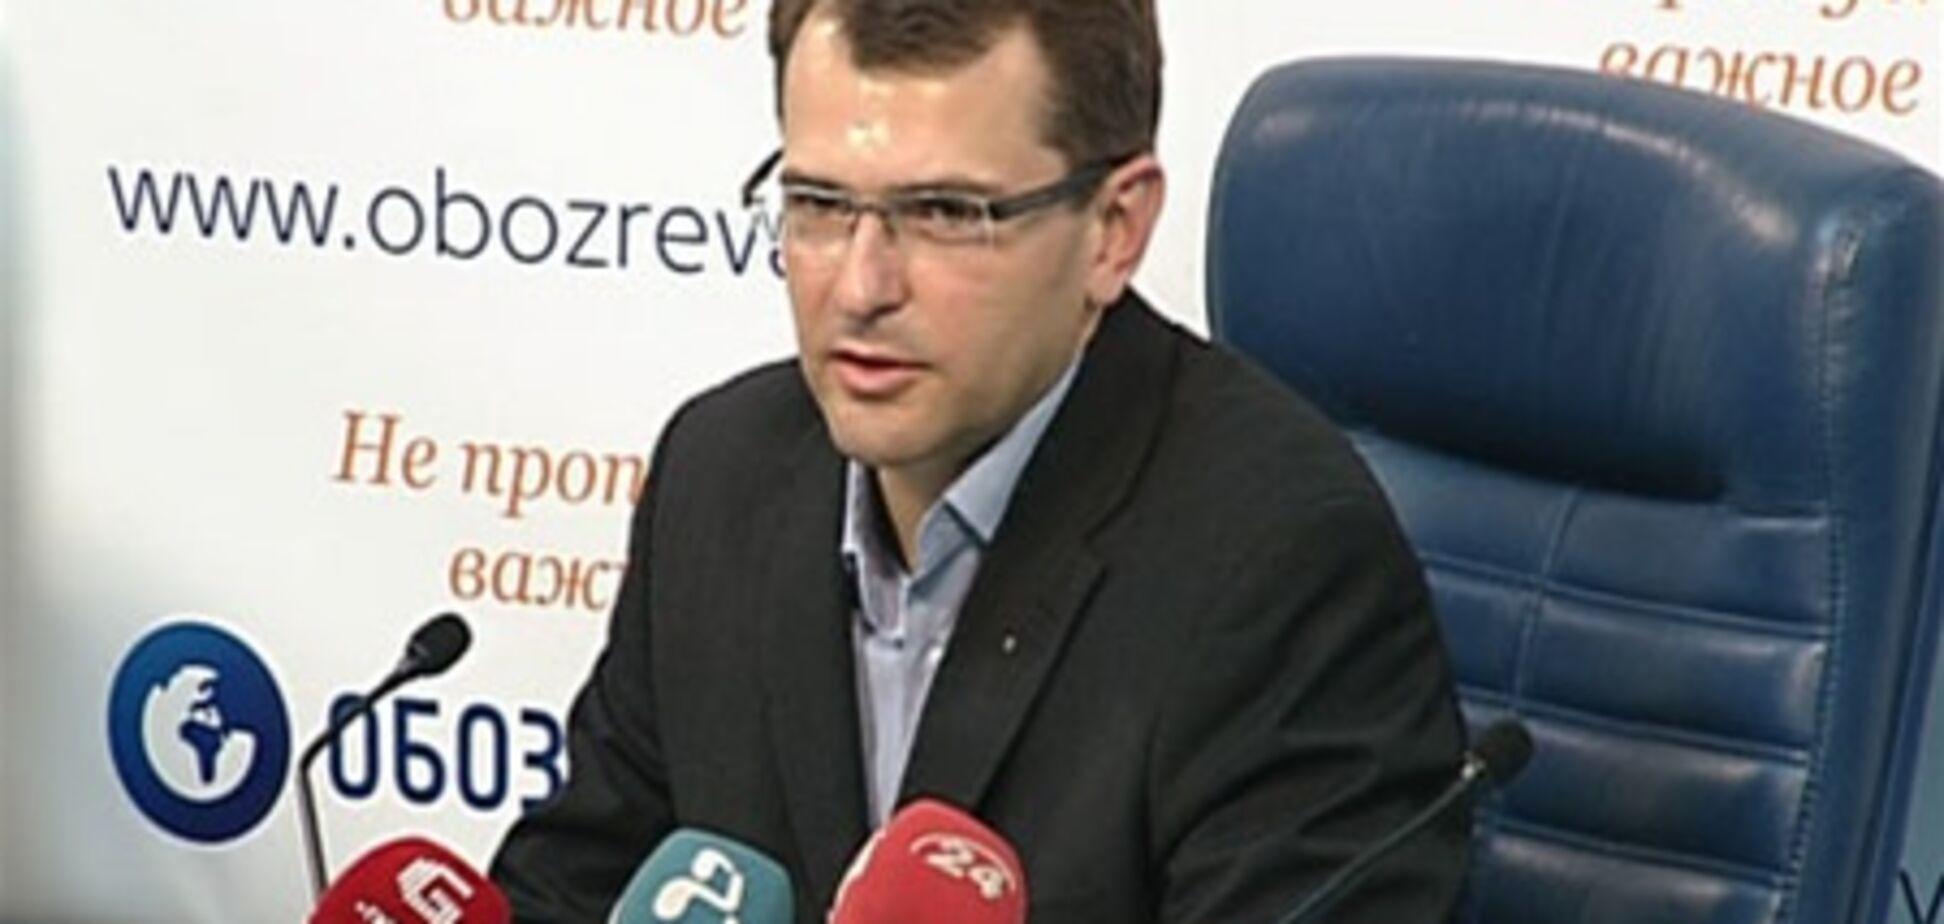 В Украине порядка 2 миллионов нелегальных 'стволов' - эксперт